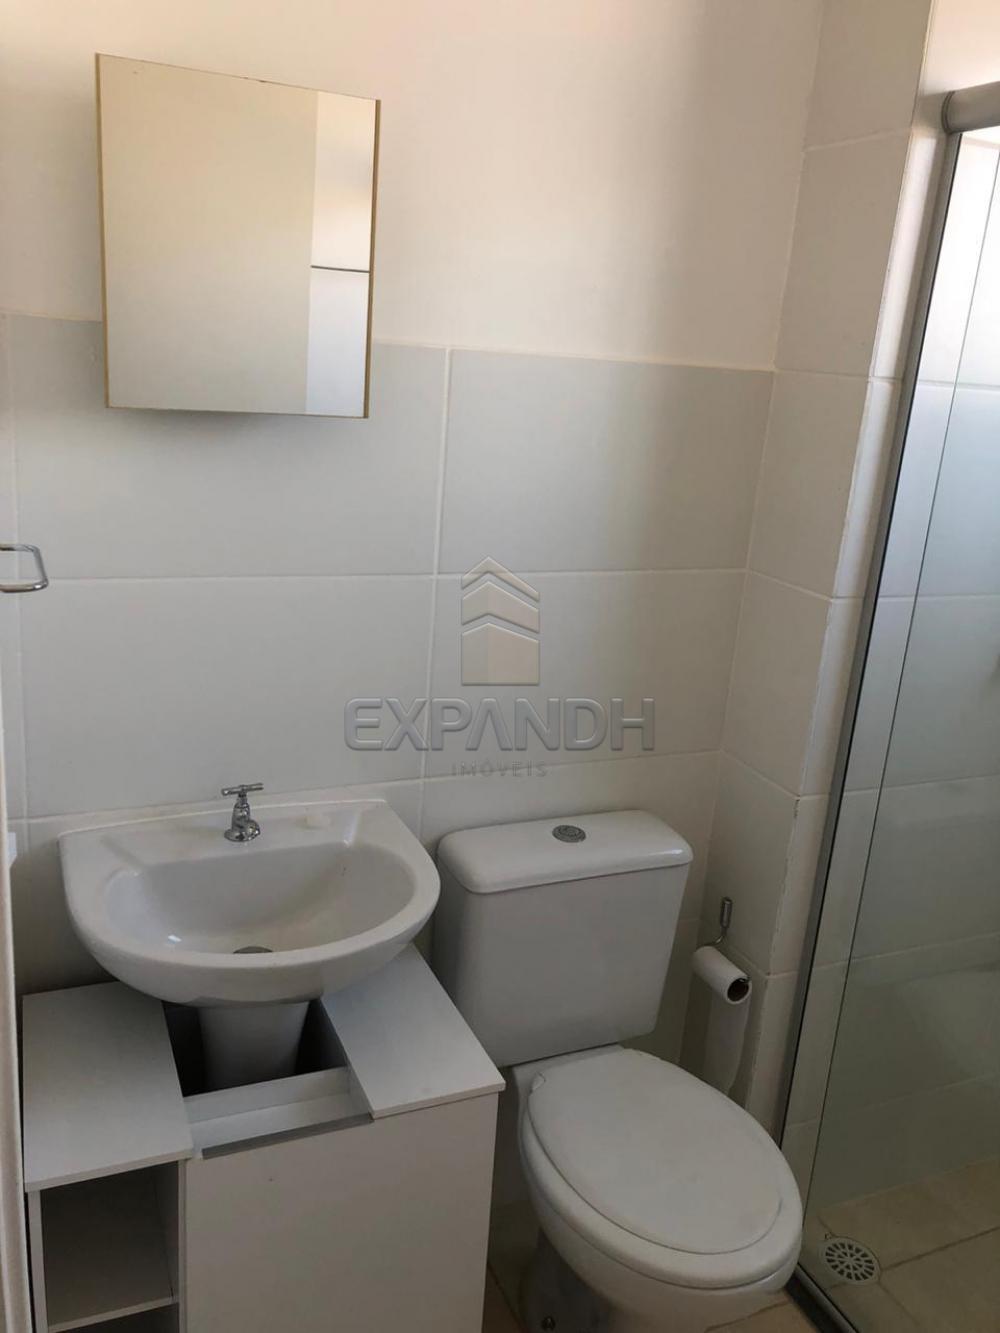 Alugar Apartamentos / Padrão em Sertãozinho apenas R$ 600,00 - Foto 44